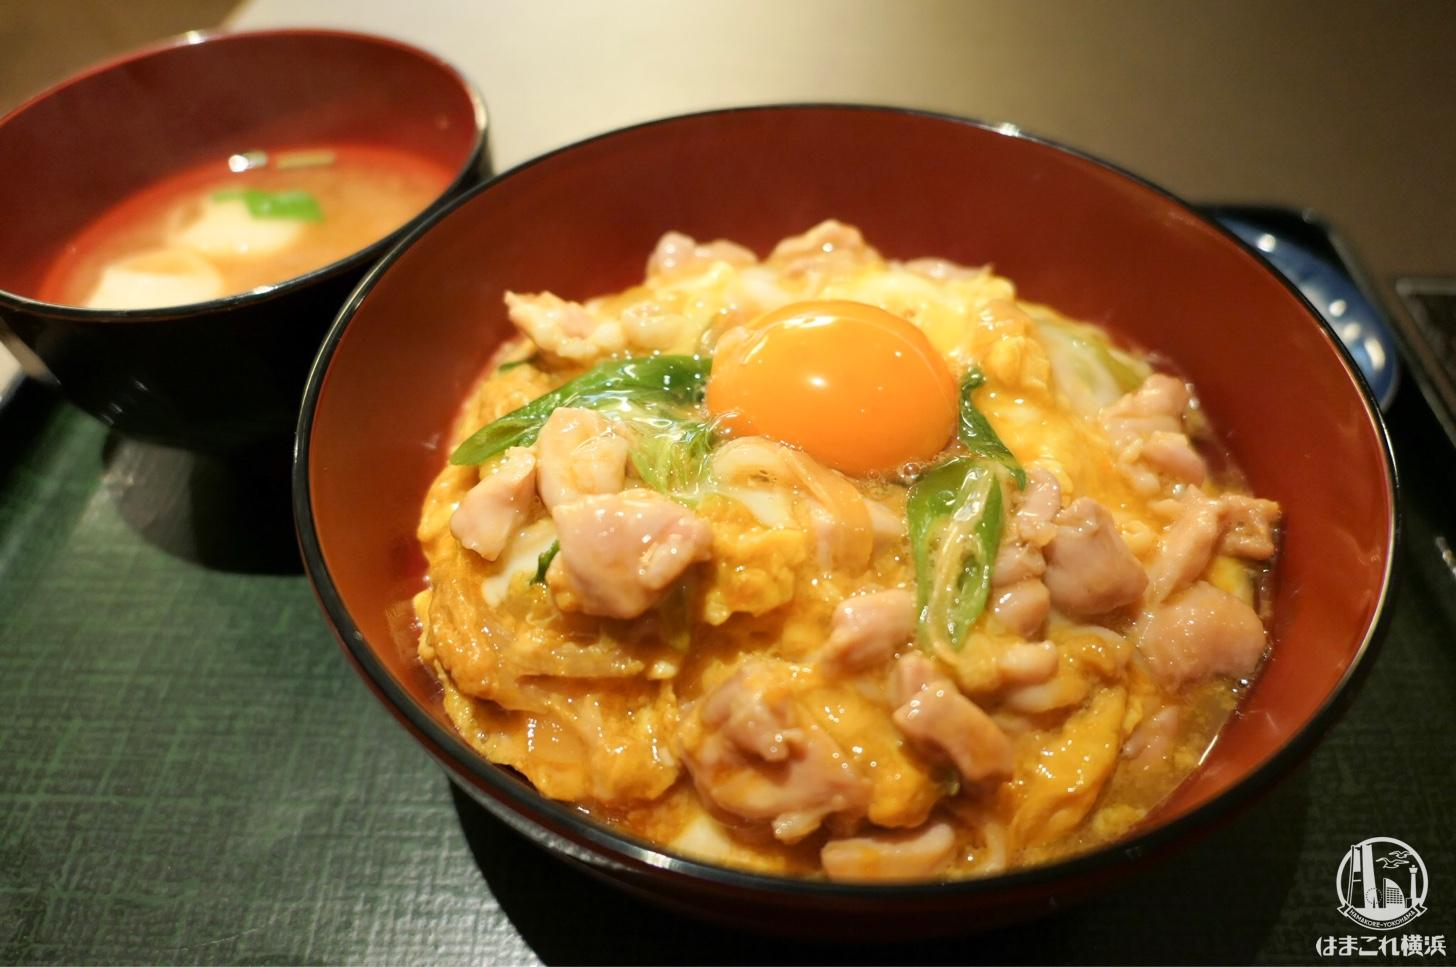 横浜高島屋「京都 八起庵」の親子丼は究極の卵オン卵!ふわふわレベル最高ランク